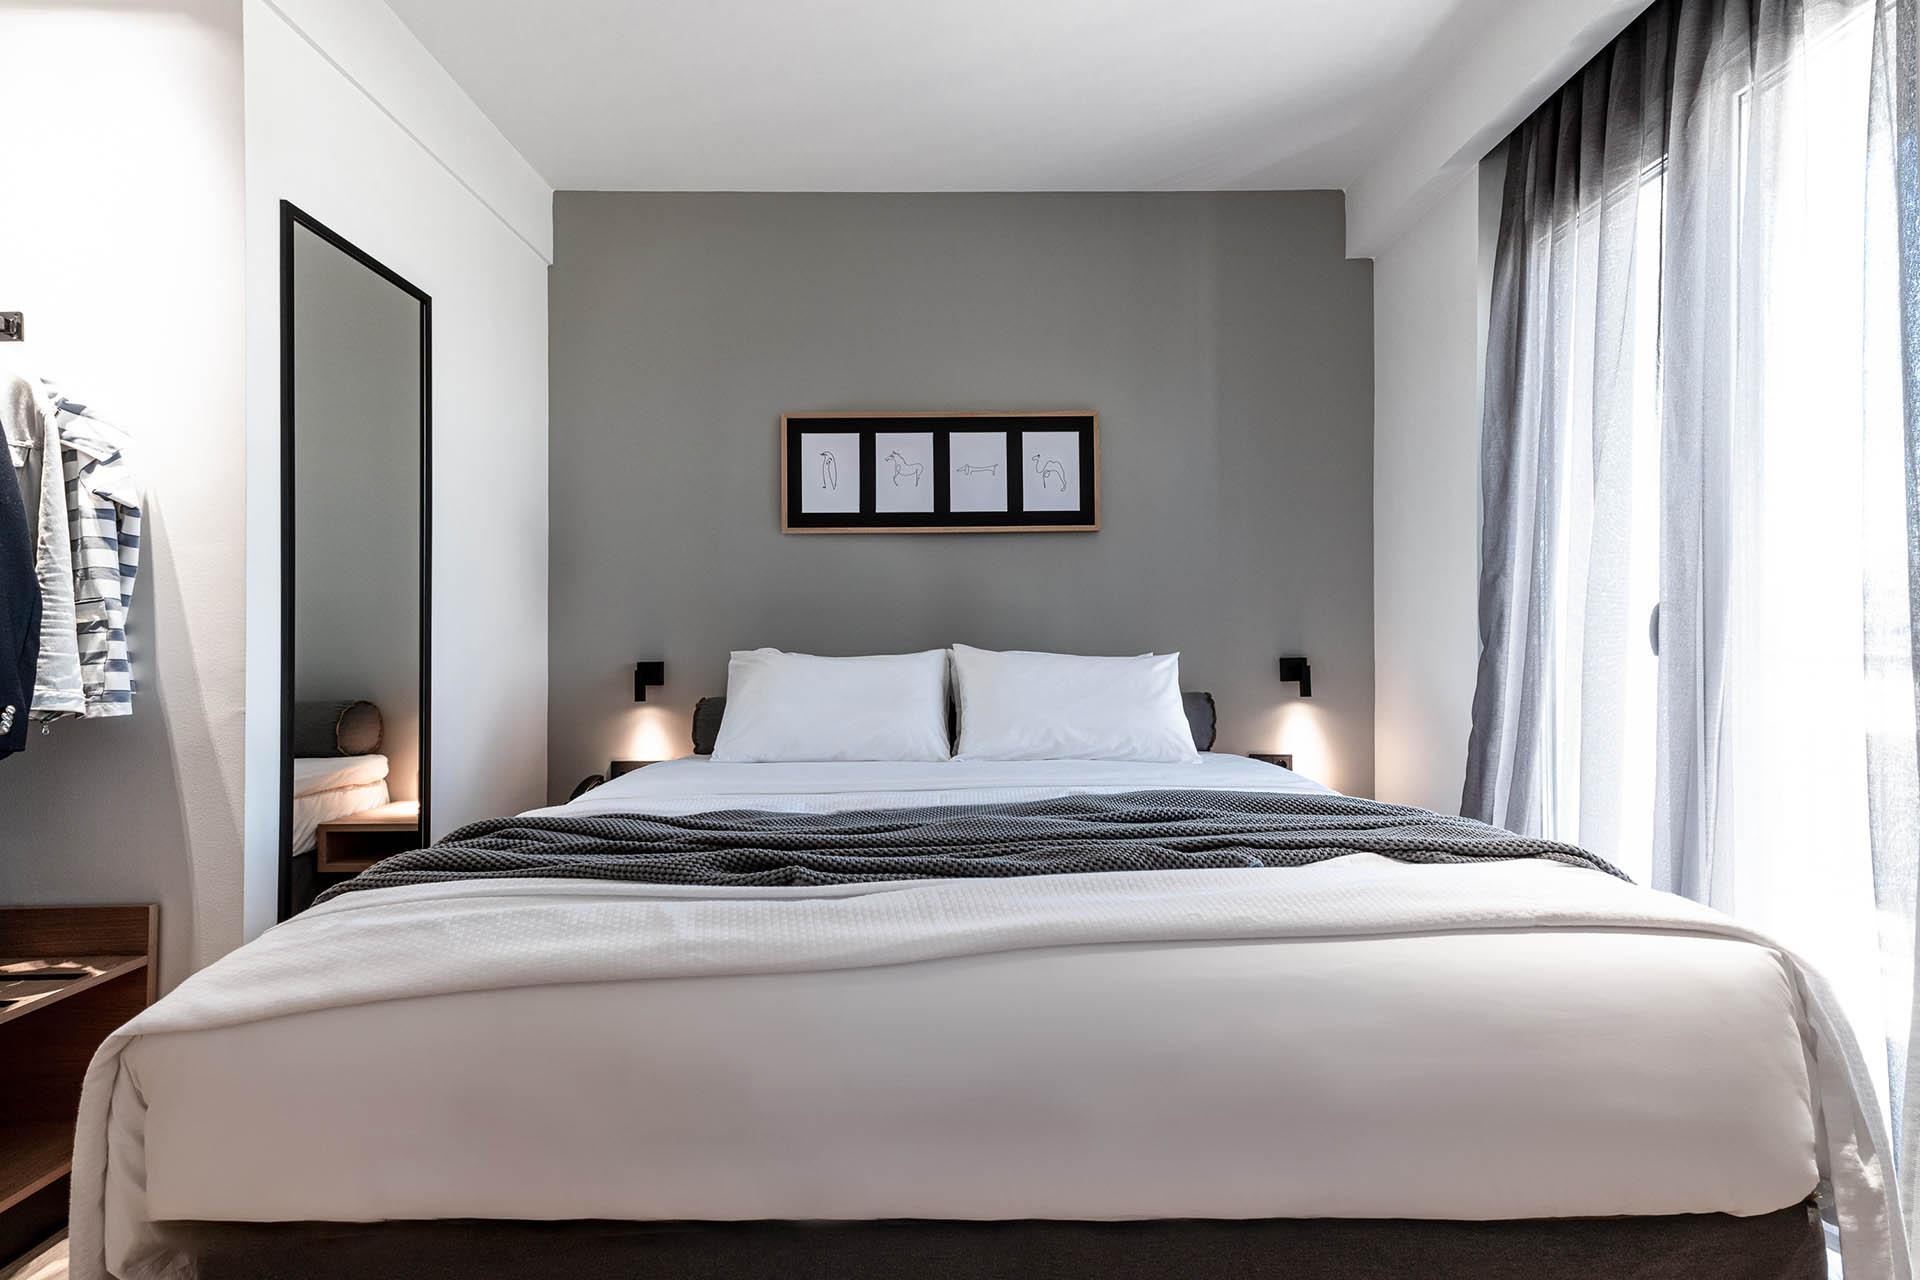 31 Doors Hotel - Αλεξανδρούπολη ✦ -28% ✦ 2 Ημέρες (1